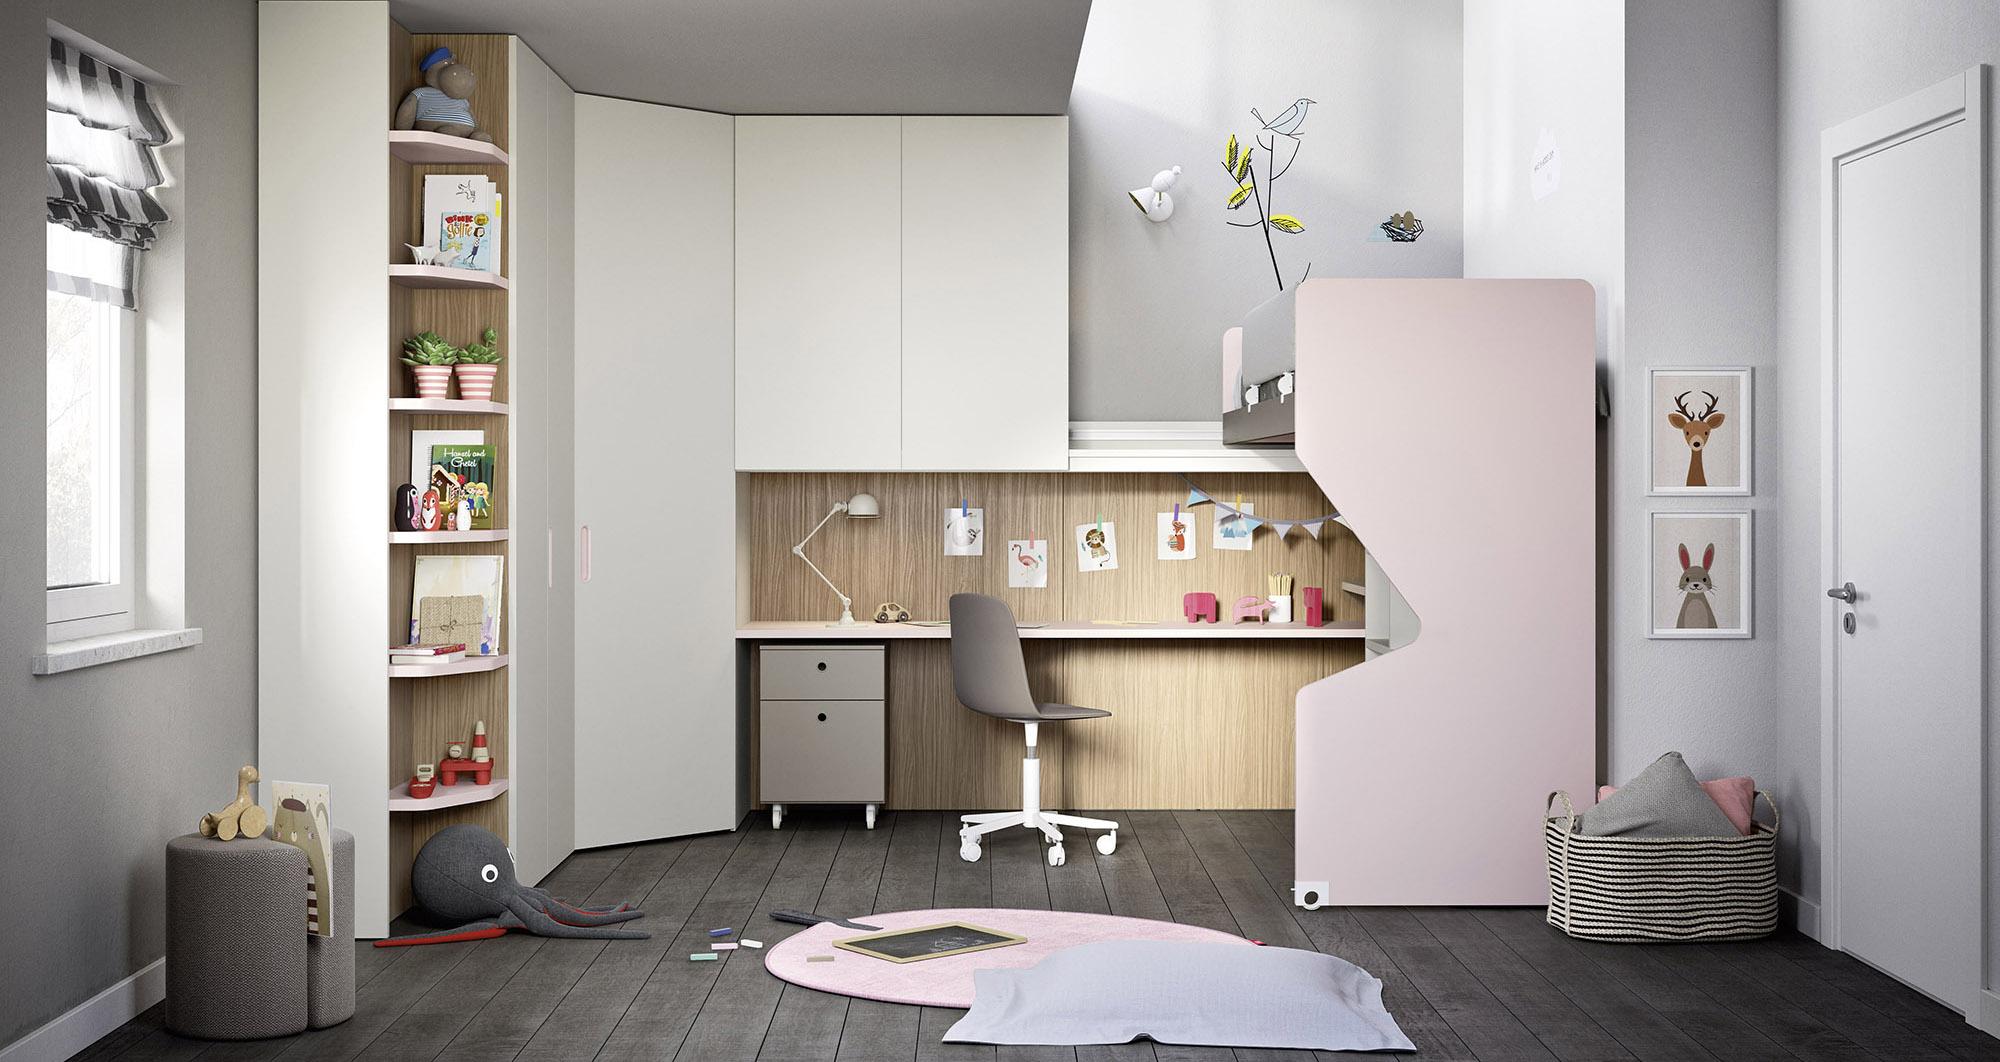 Tutto scorre il letto e il soppalco per organizzare lo spazio casafacile - Letto a soppalco scorrevole ...